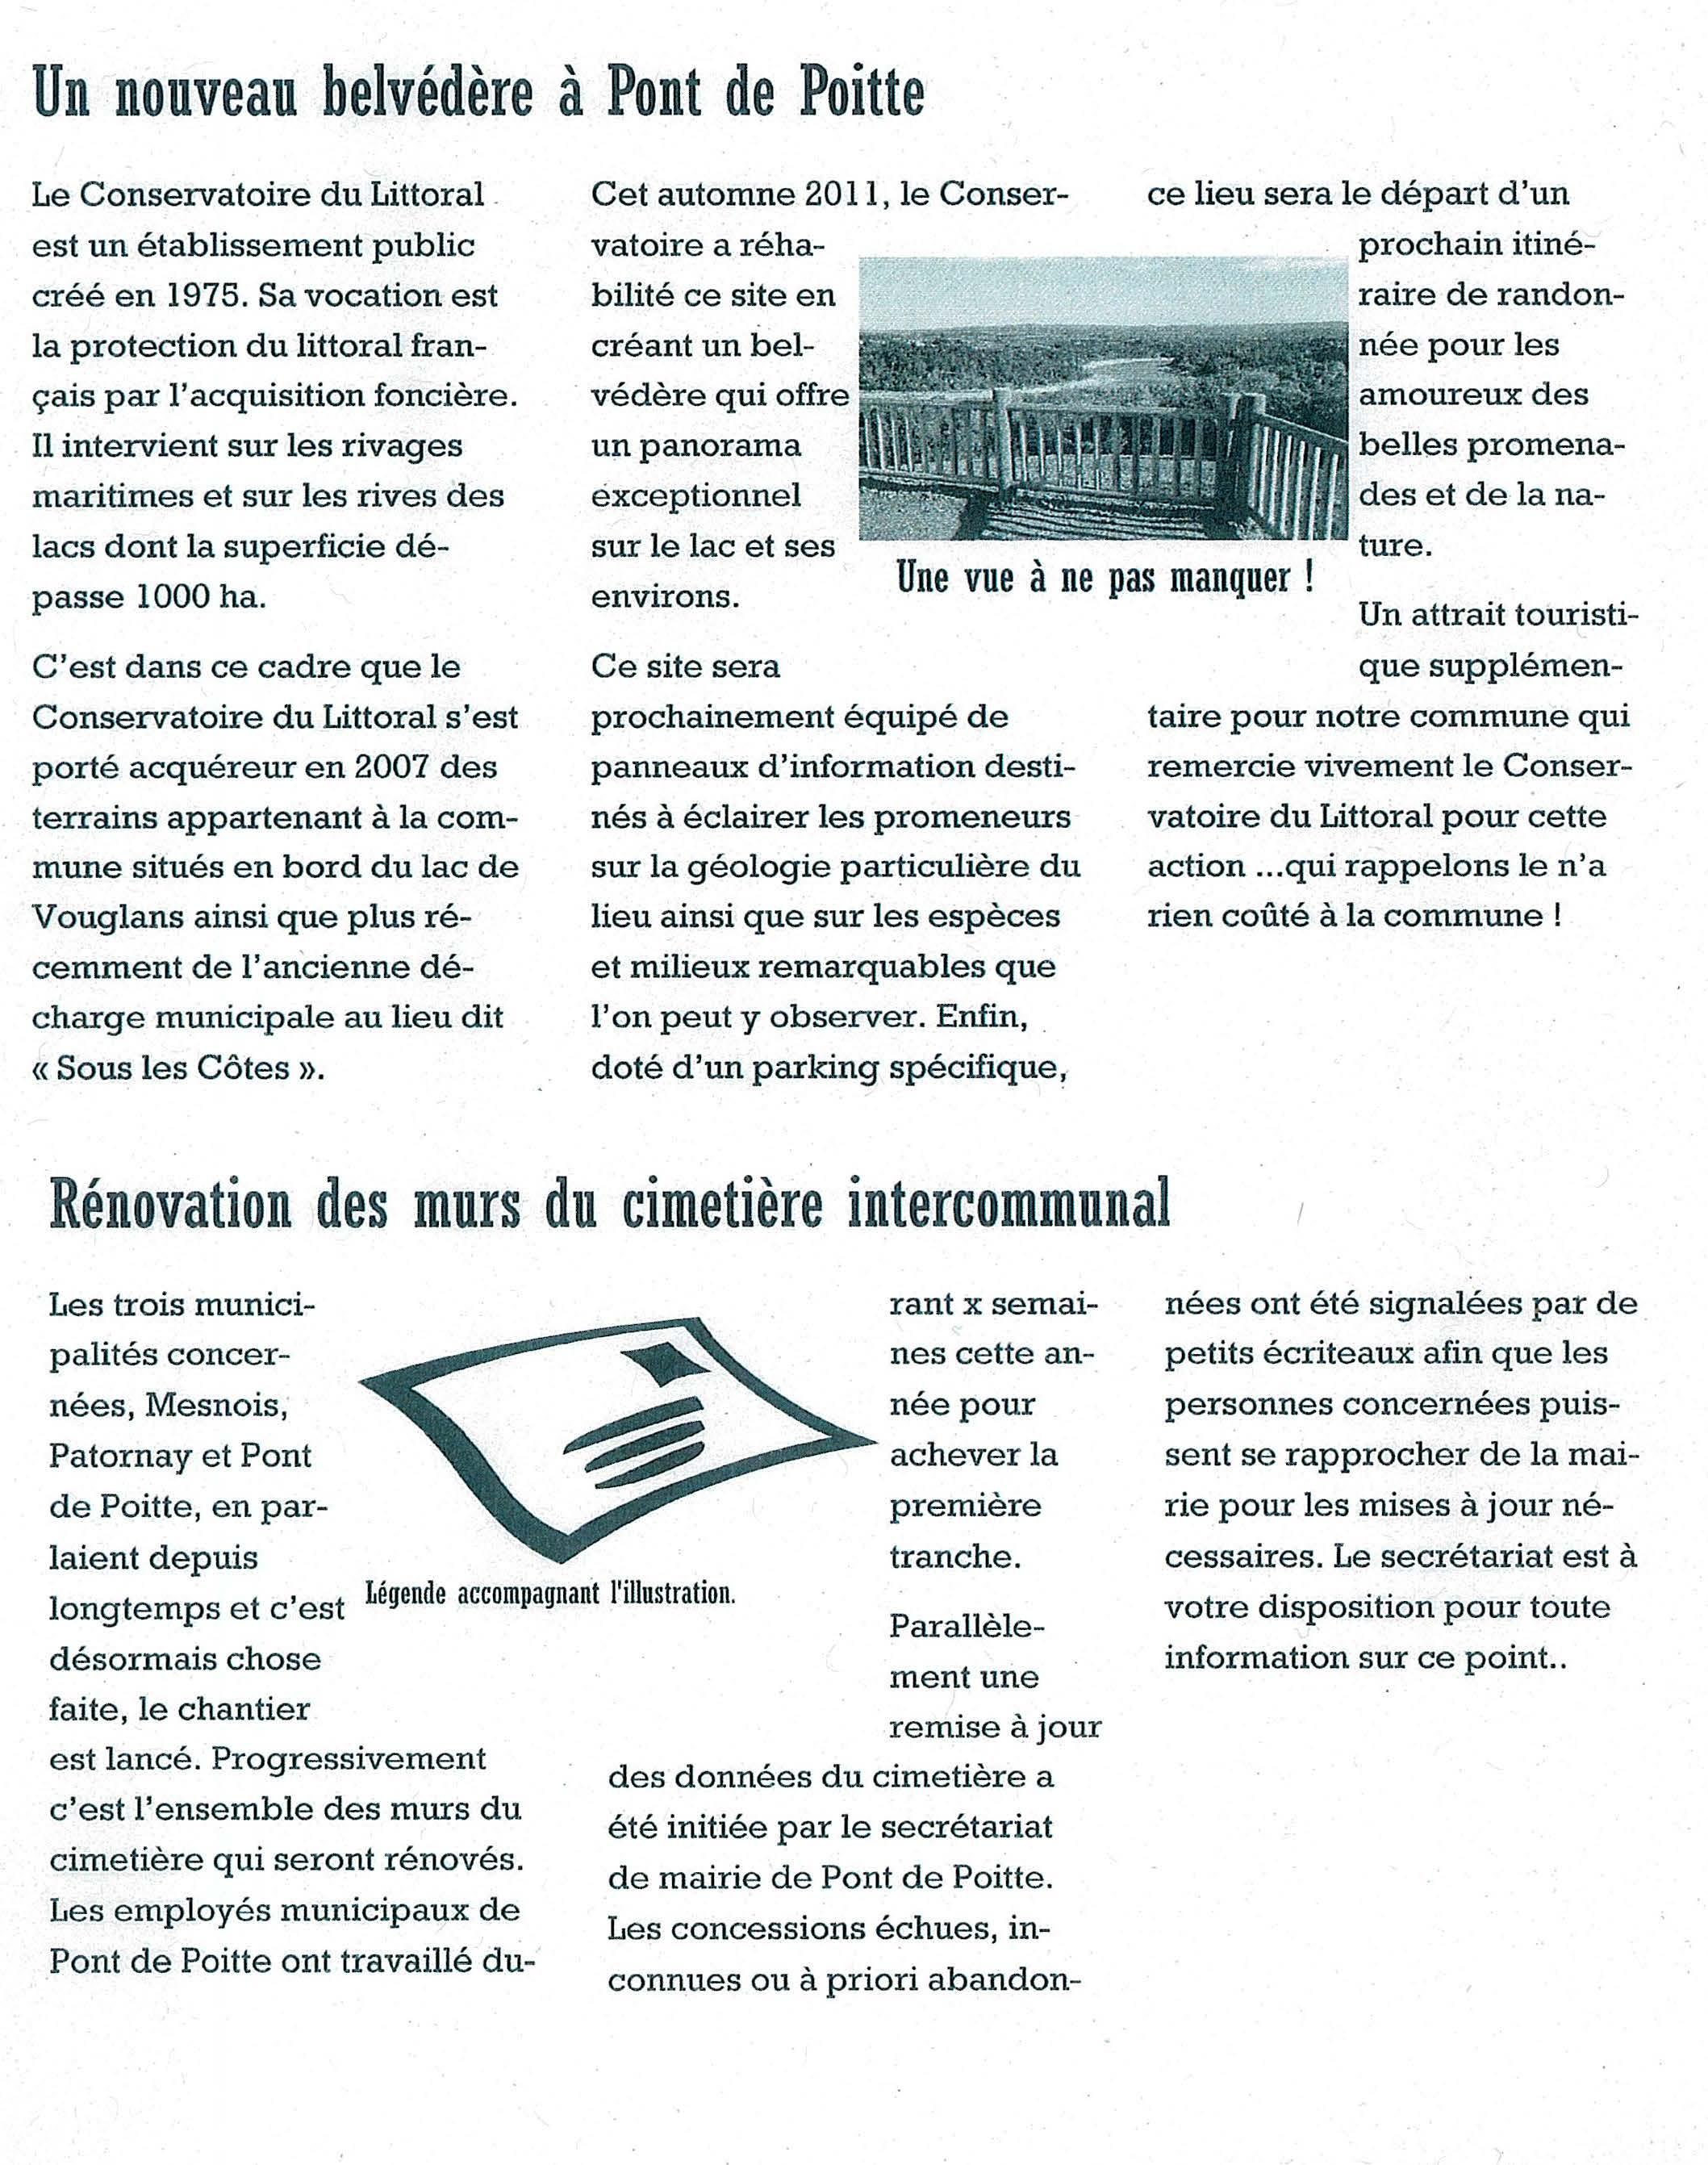 Bulletin municipal de Pont-de-Poitte, extrait